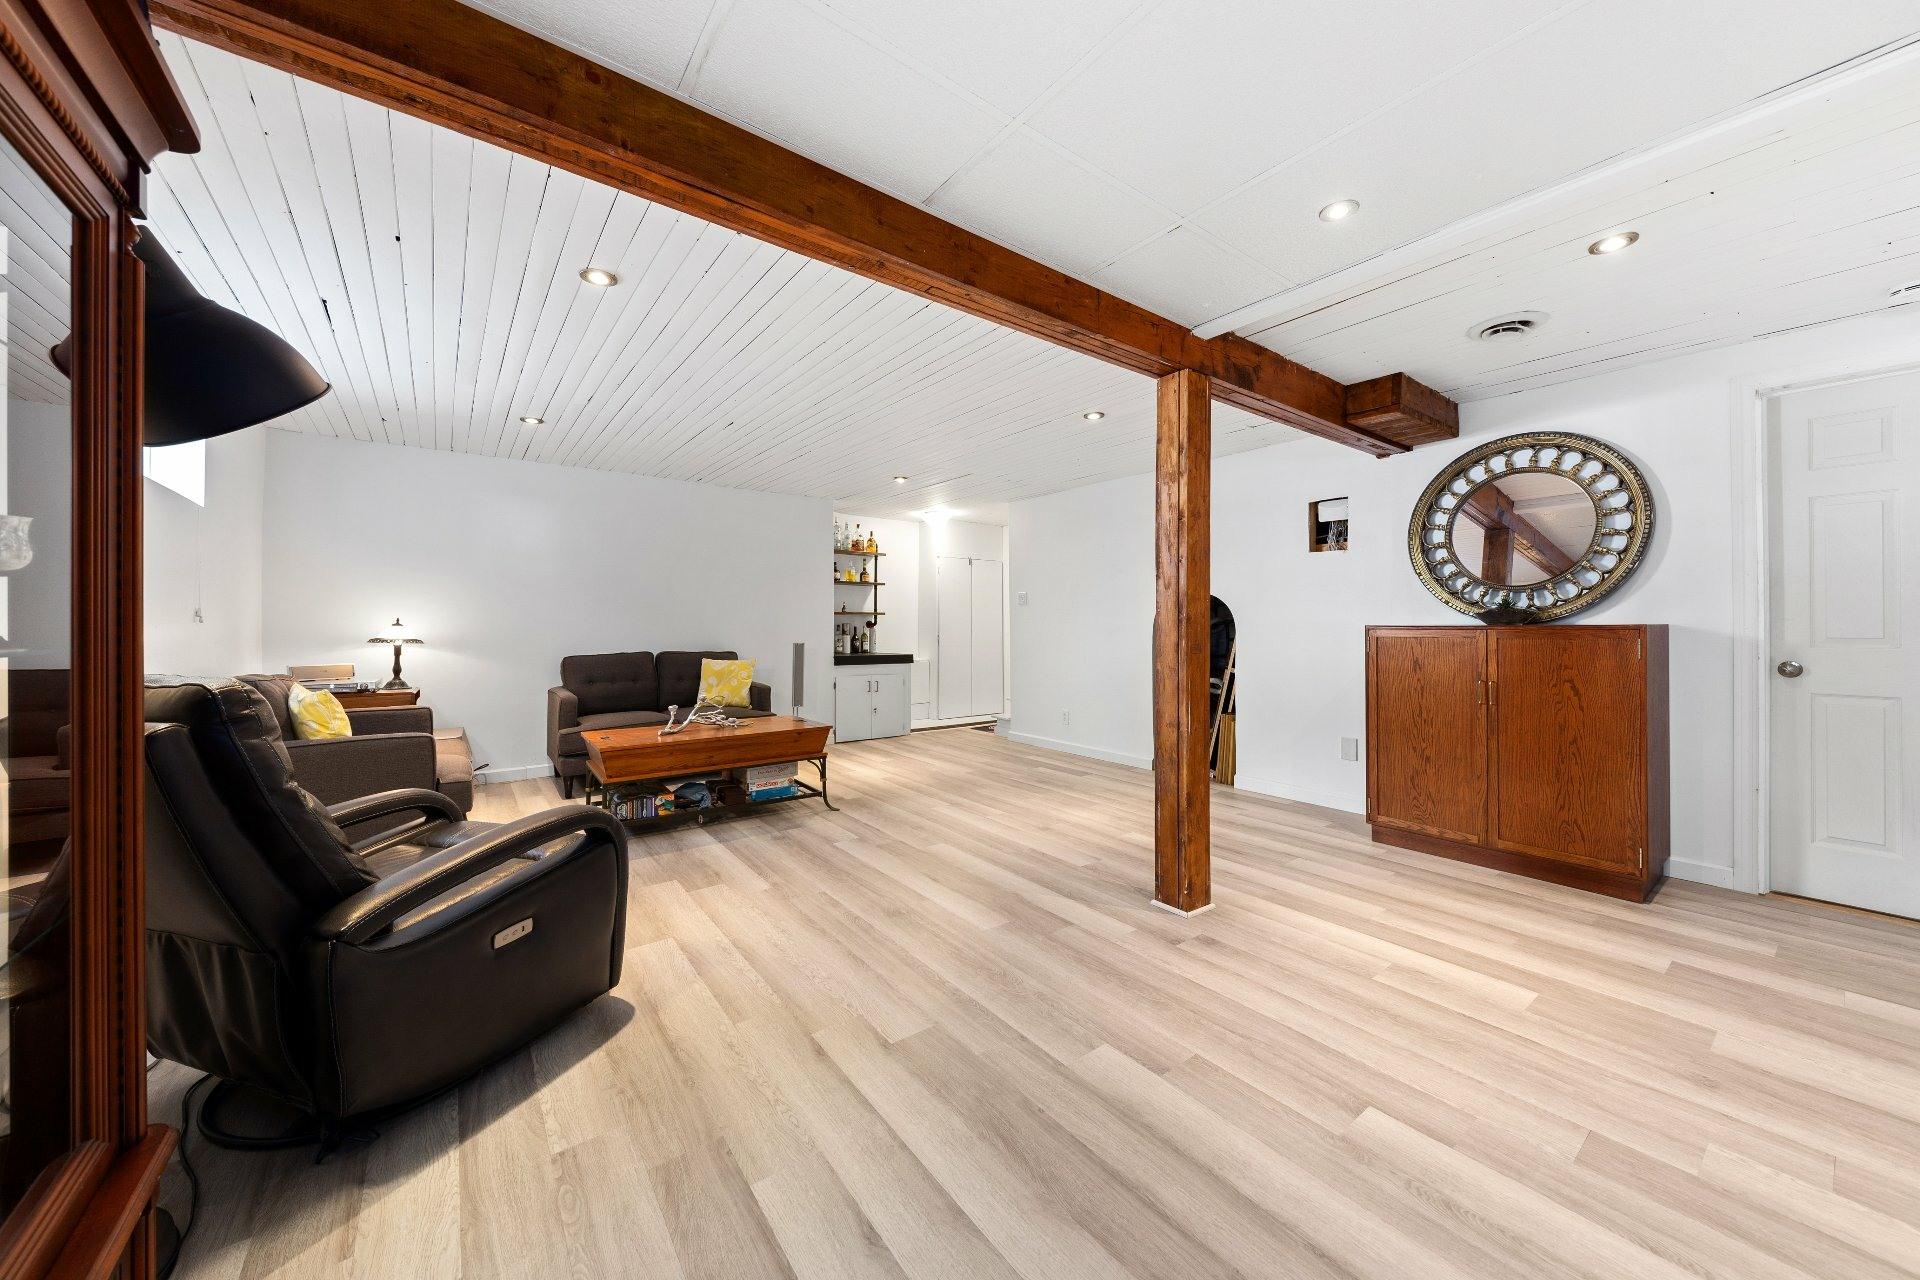 image 44 - Maison À vendre Coteau-du-Lac - 10 pièces